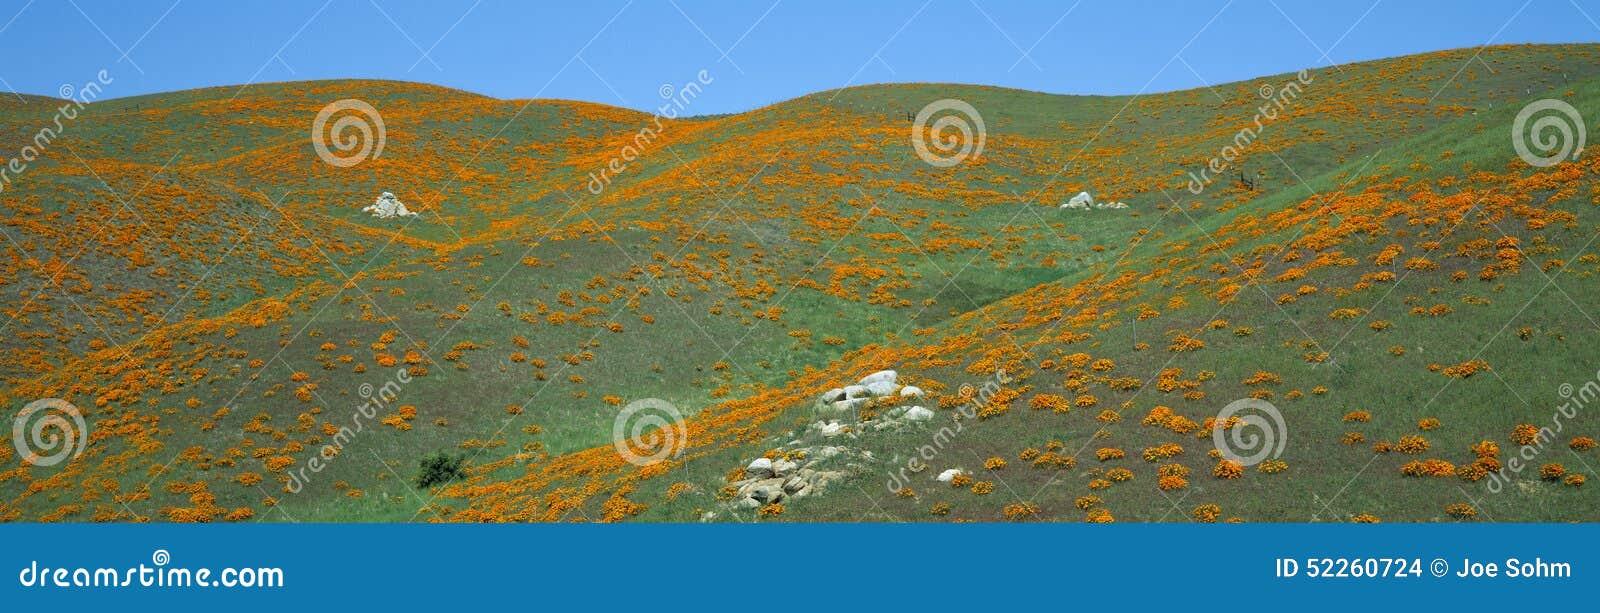 Kalifornia maczki, wiosen Wildflowers, antylopy dolina, Kalifornia